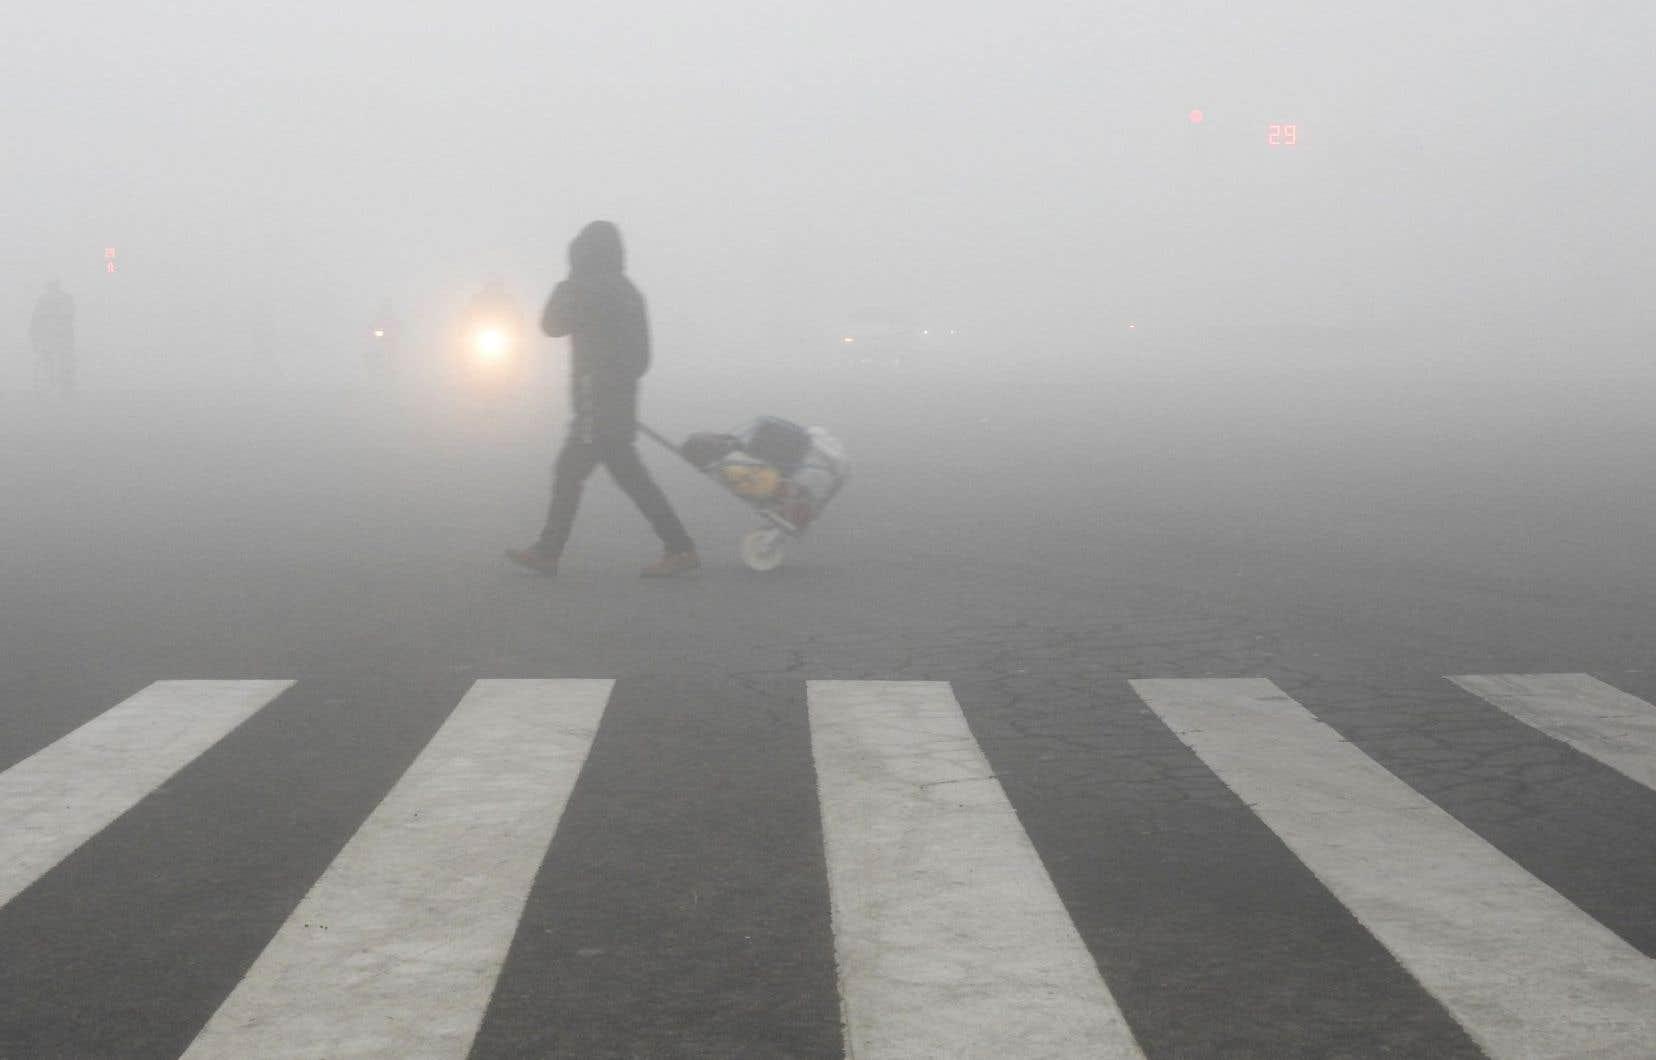 <p>Le brouillard polluant qui frappe très régulièrement Pékin provient principalement de la combustion du charbon utilisé pour l'électricité et le chauffage, dont la demande augmente durant les rudes hivers pékinois.</p>